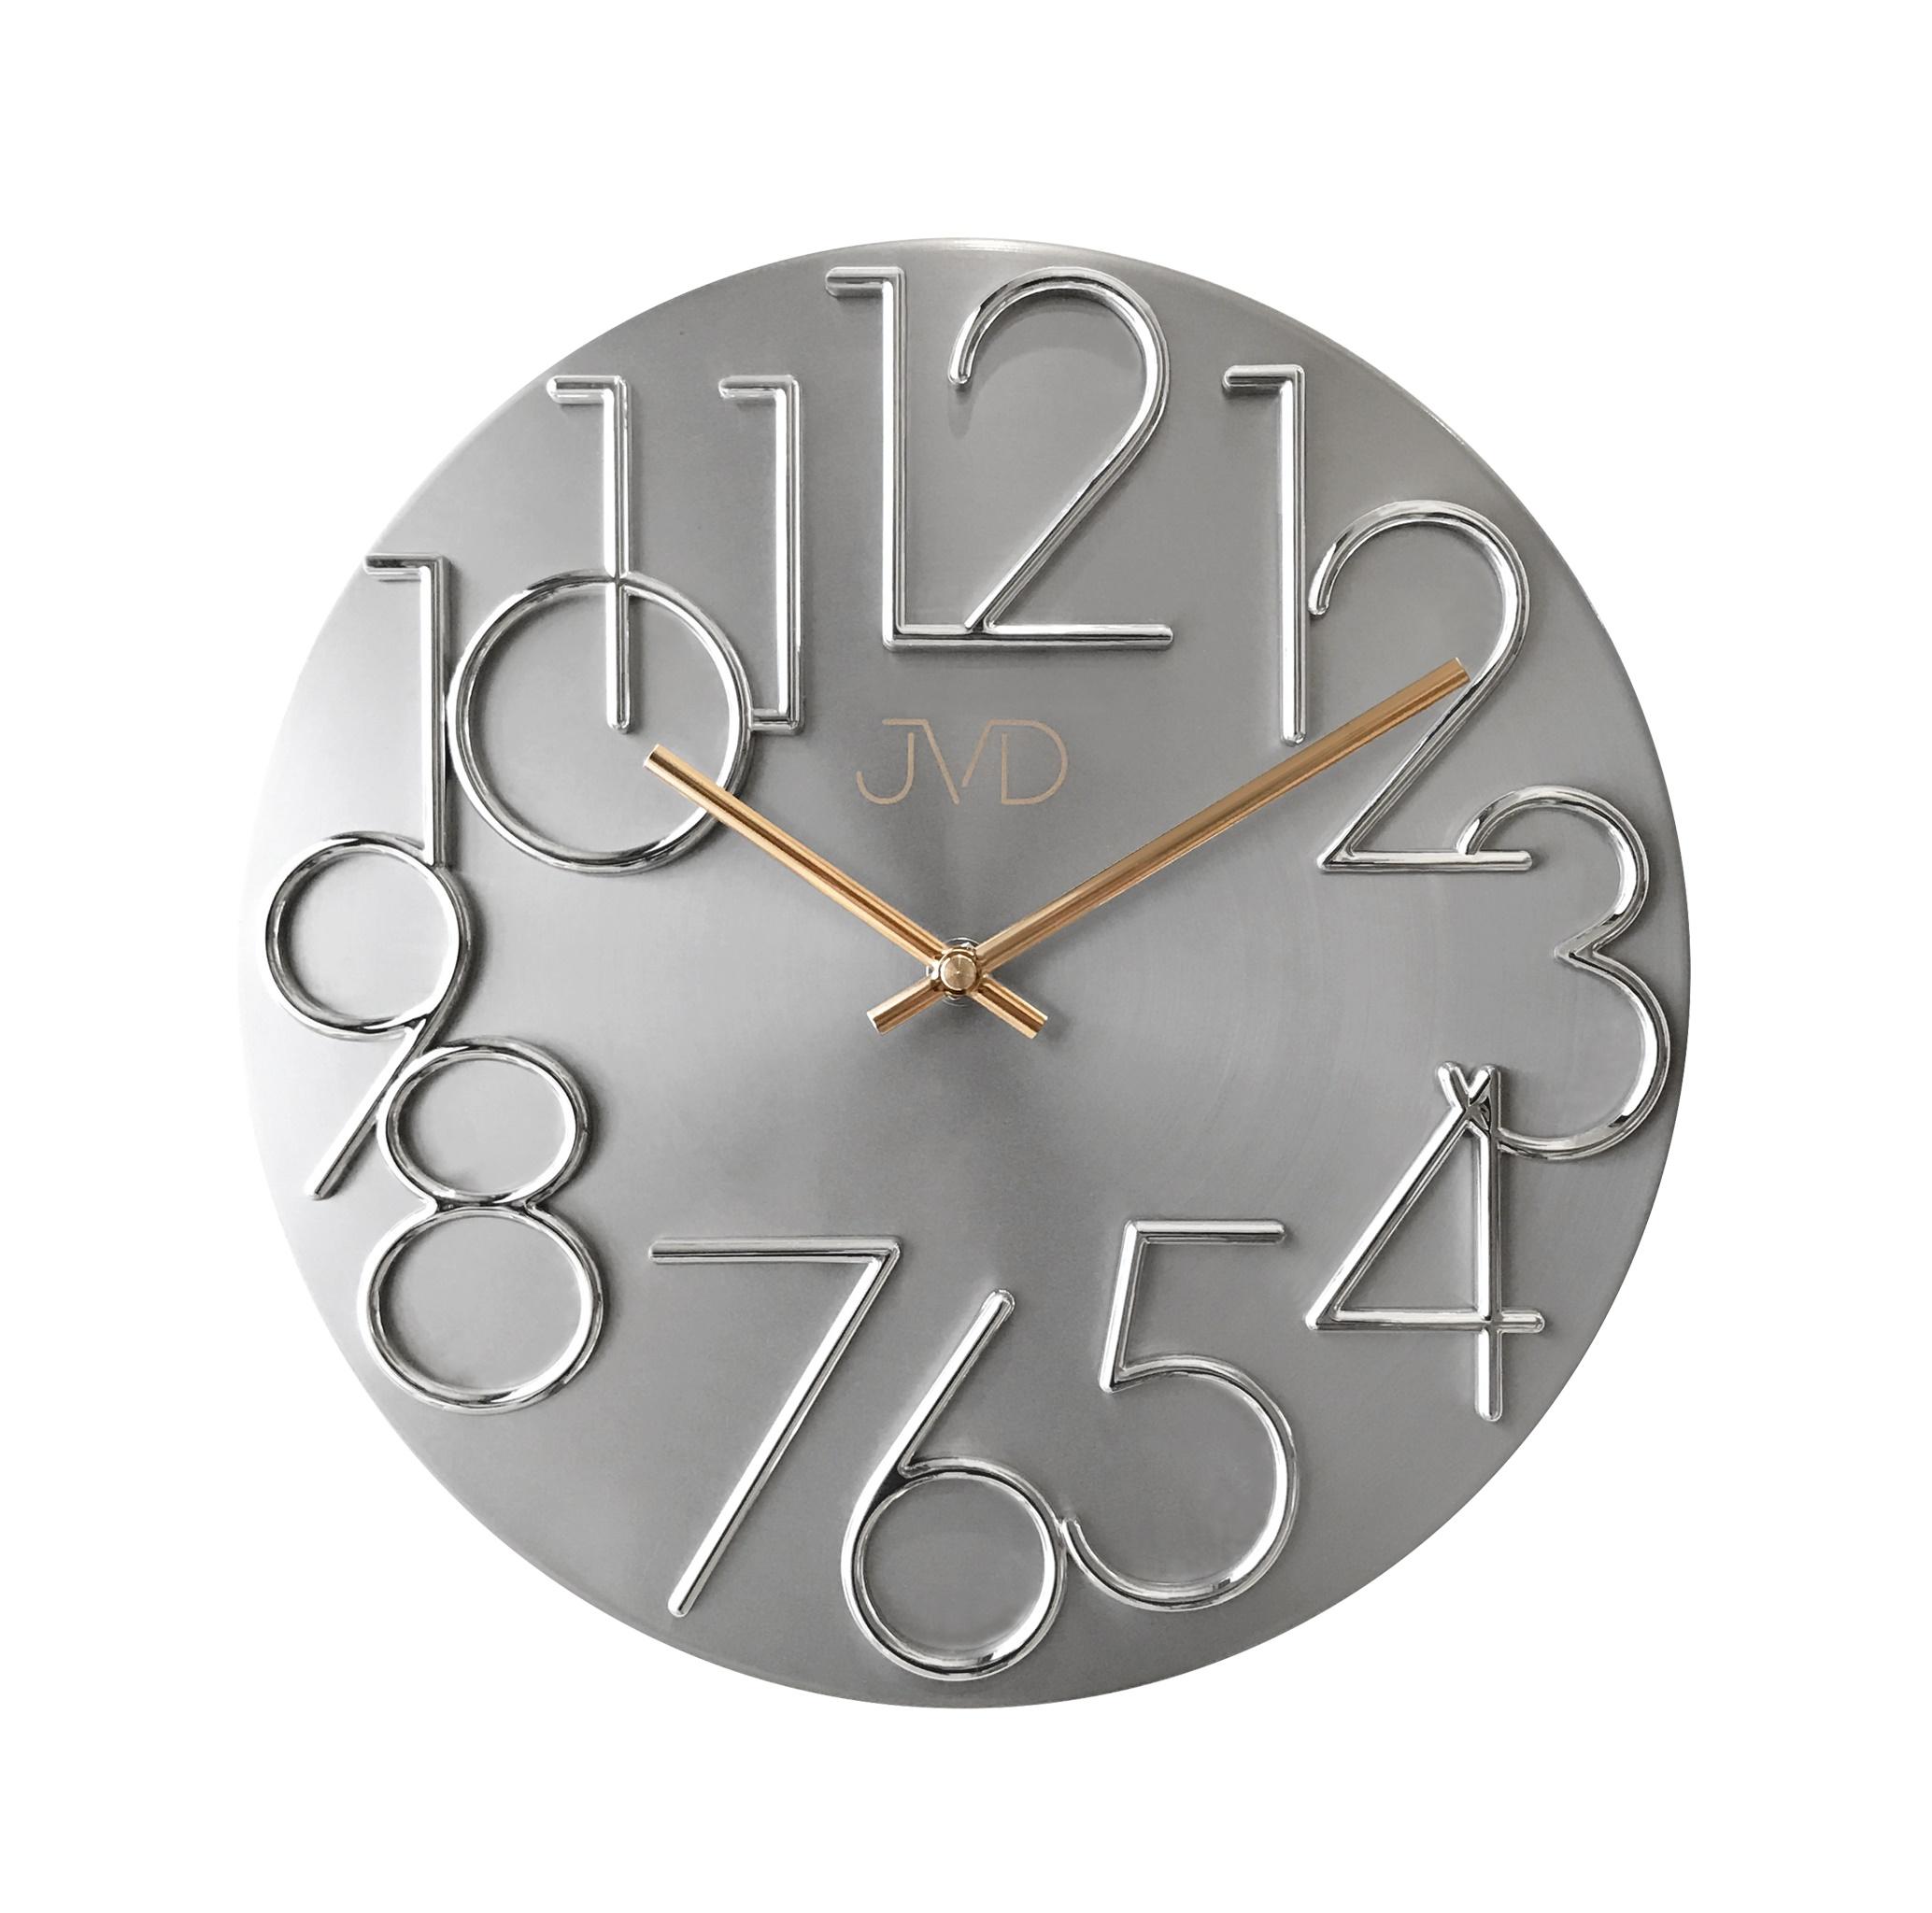 Kovové designové nástěnné stříbrné hodiny JVD HT23.1 (POŠTOVNÉ ZDARMA!!)